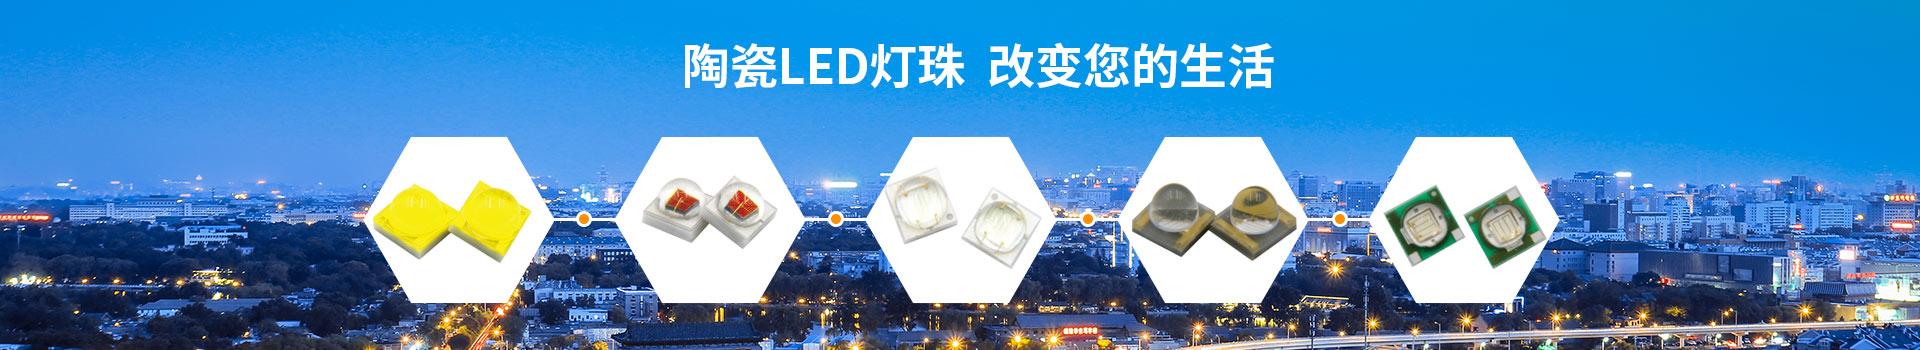 弘欣顺 陶瓷LED灯珠  改变您的生活